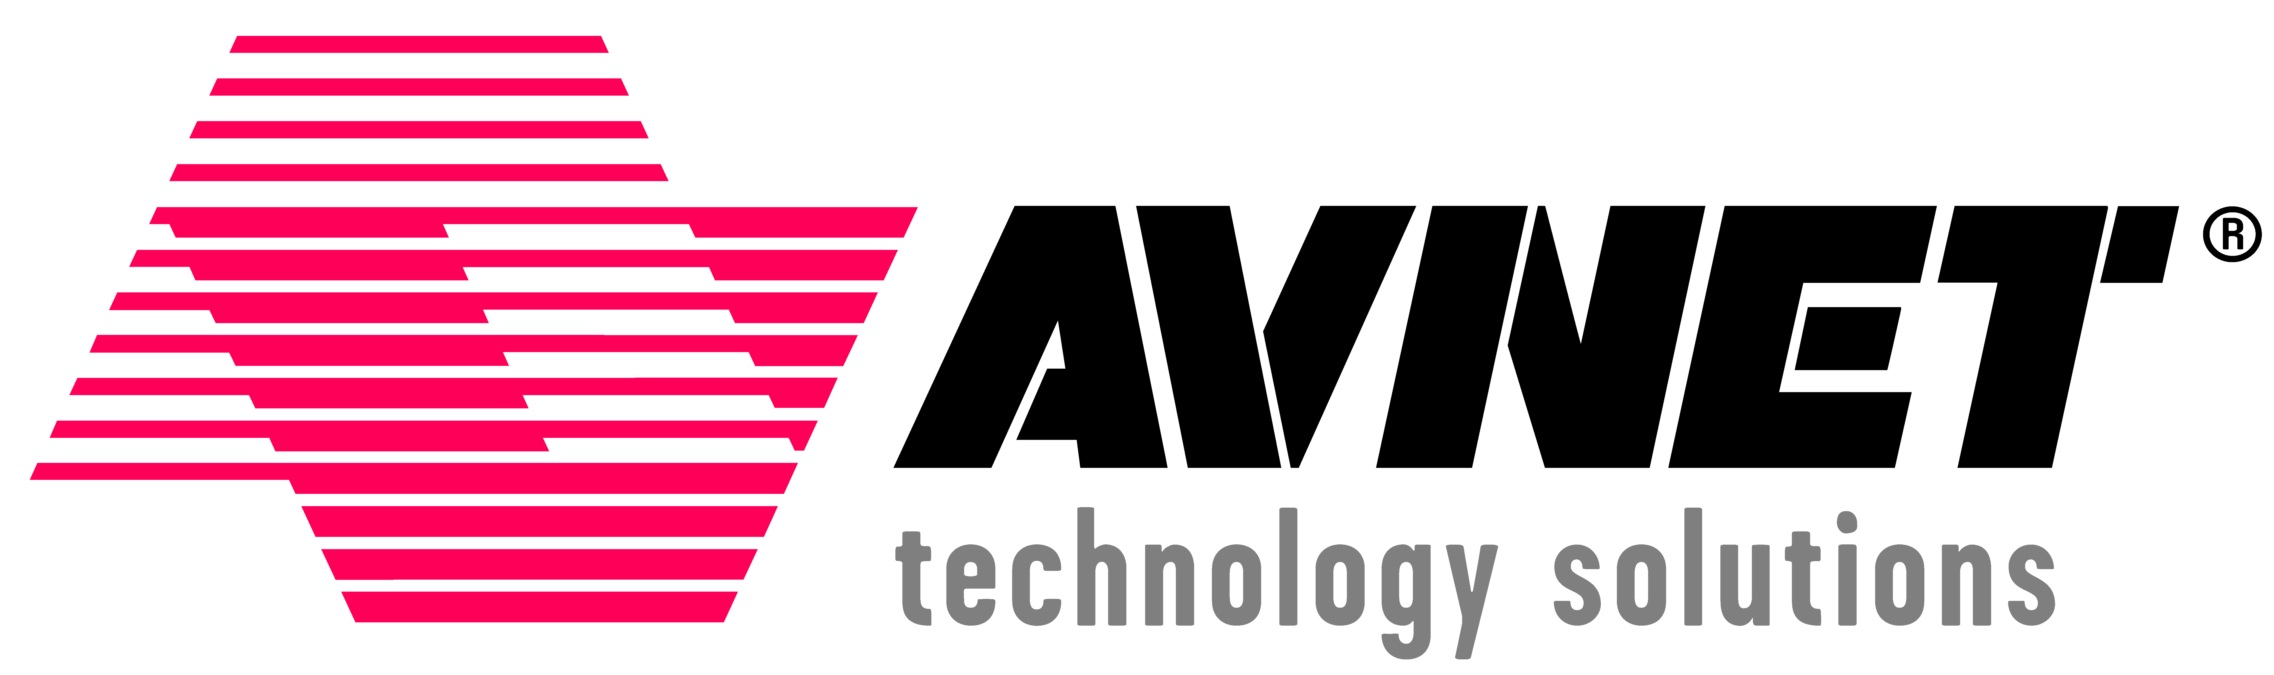 Avnet-ince-Logo.jpg